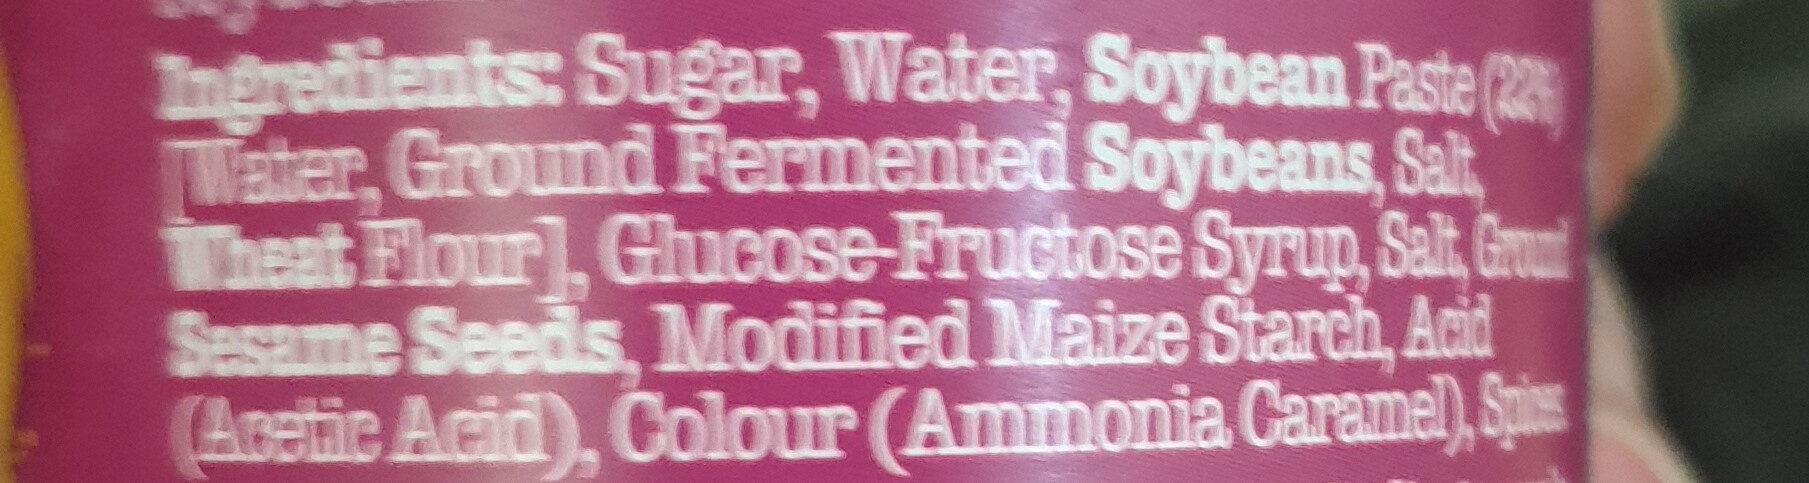 Rich Hoisin Sauce - Ingredients - en